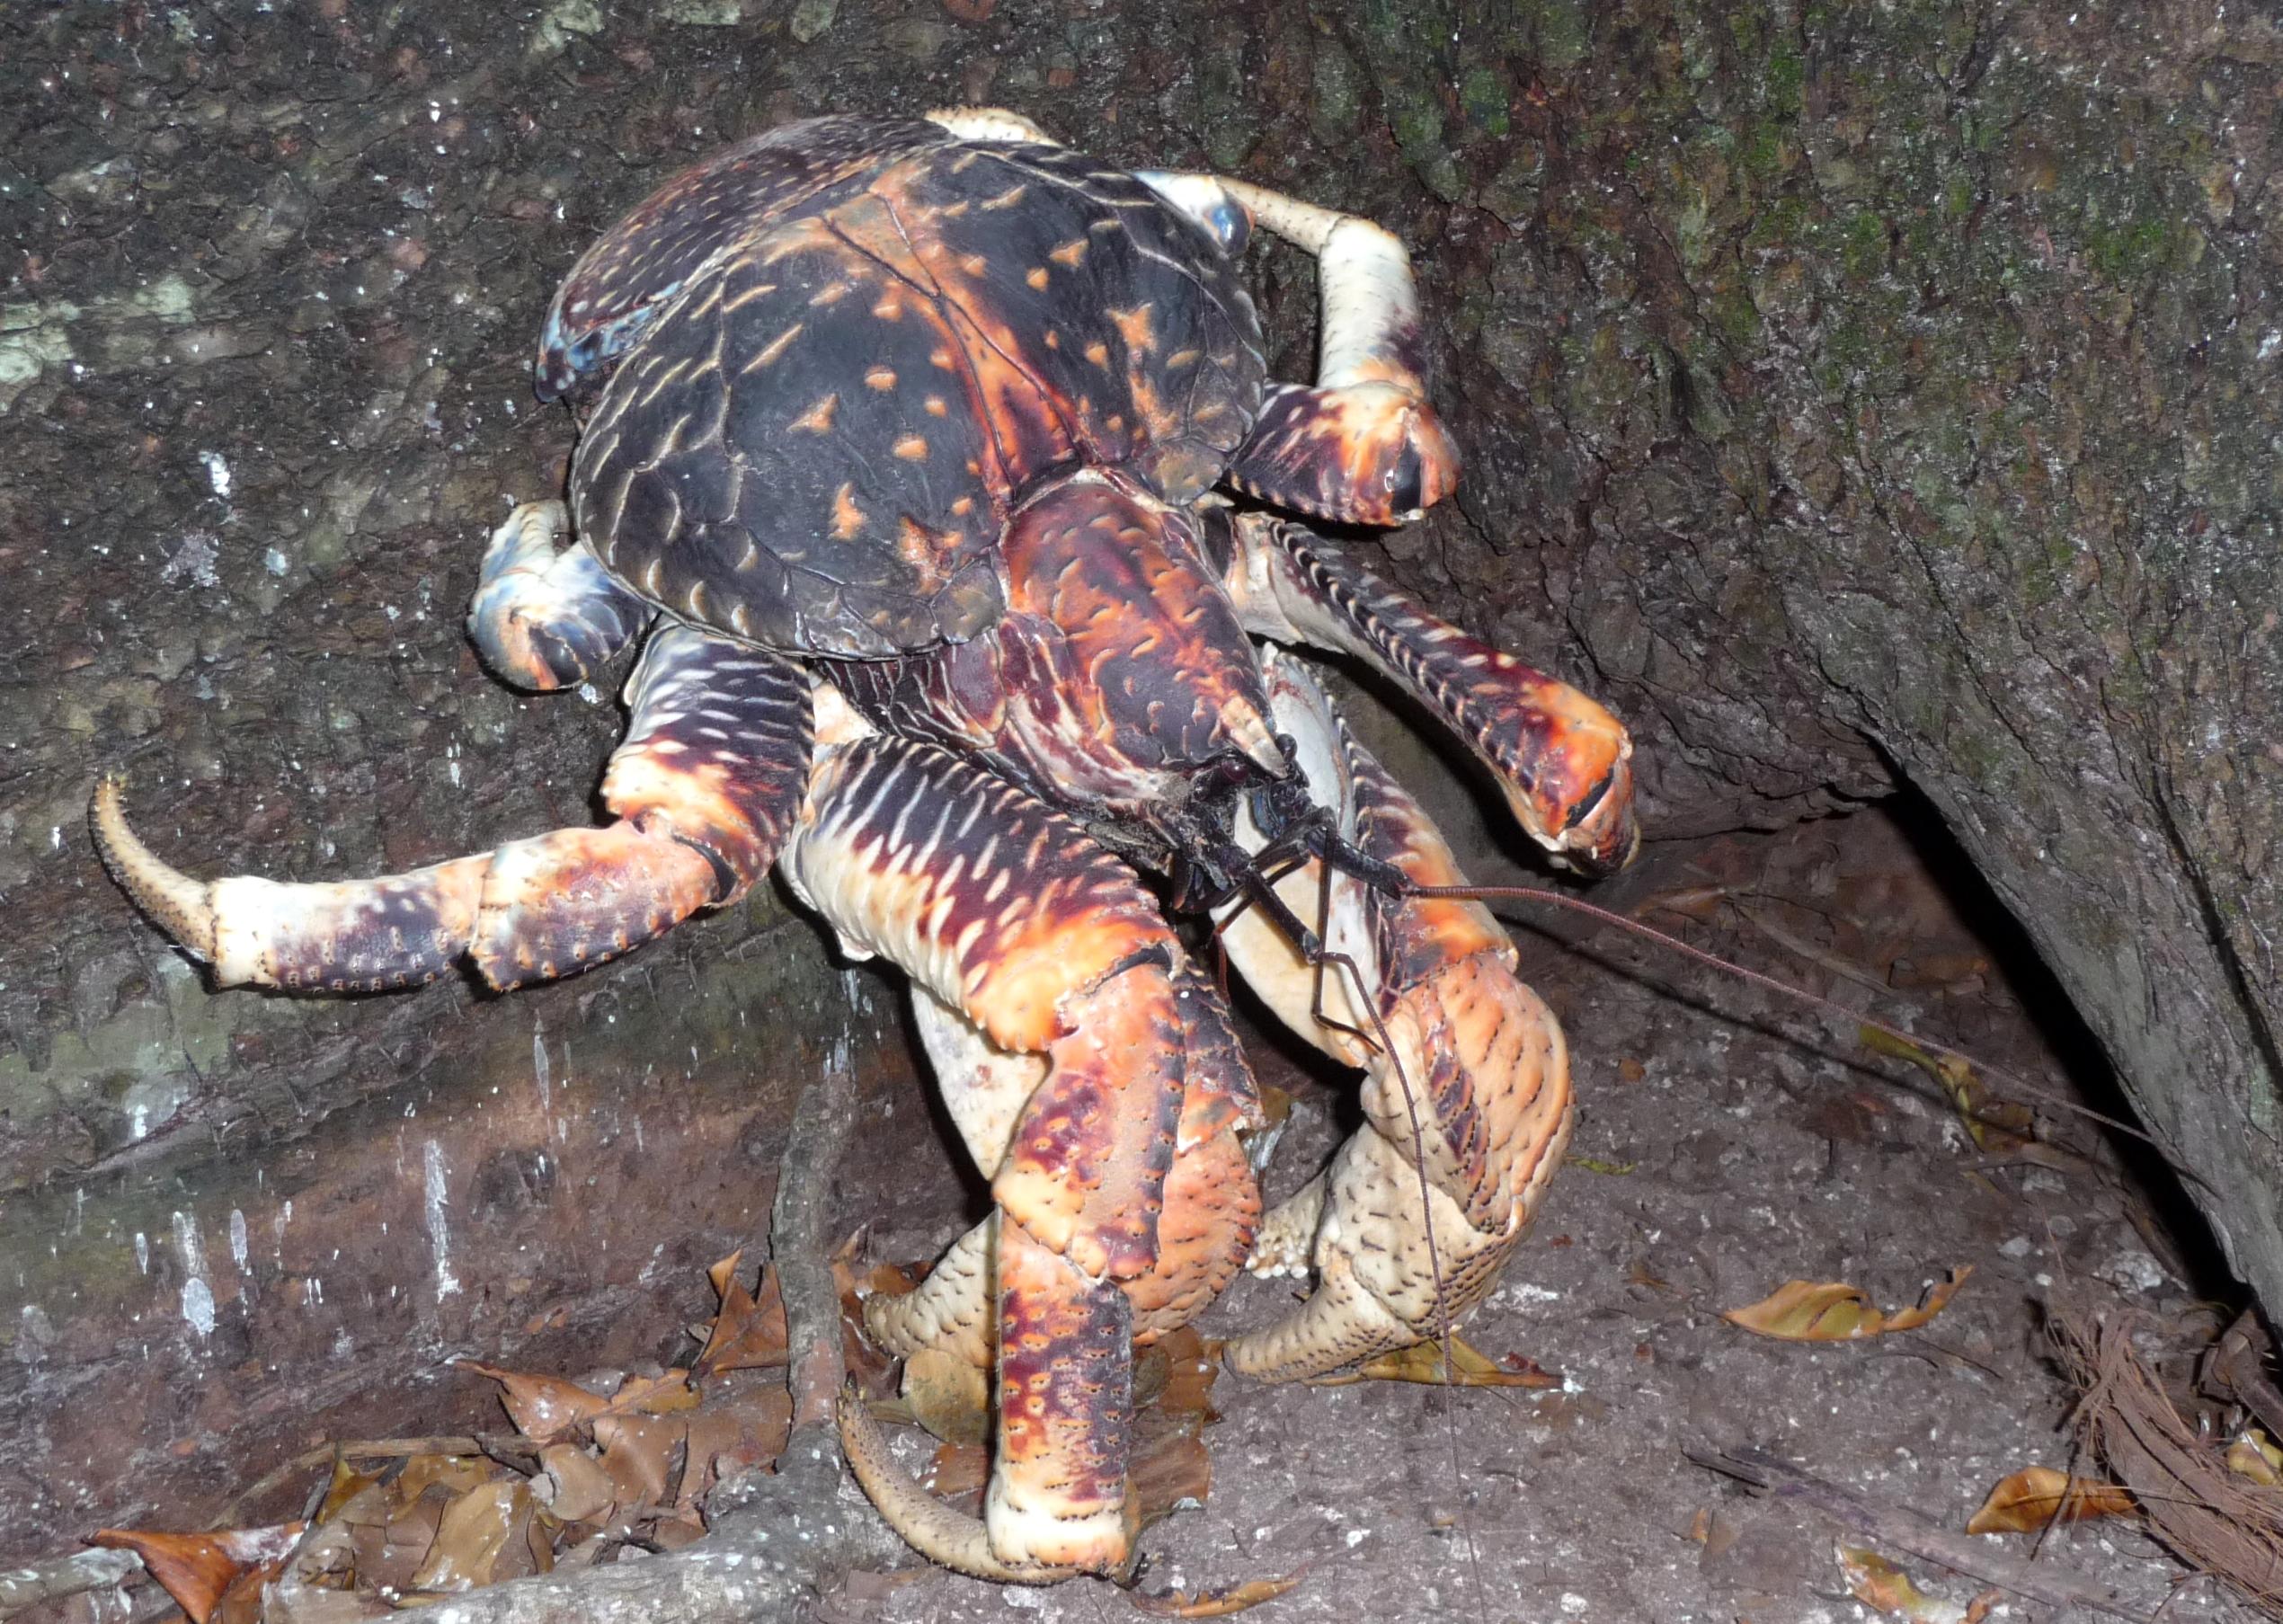 filecoconut crab birgus latro 5 4090676981jpg